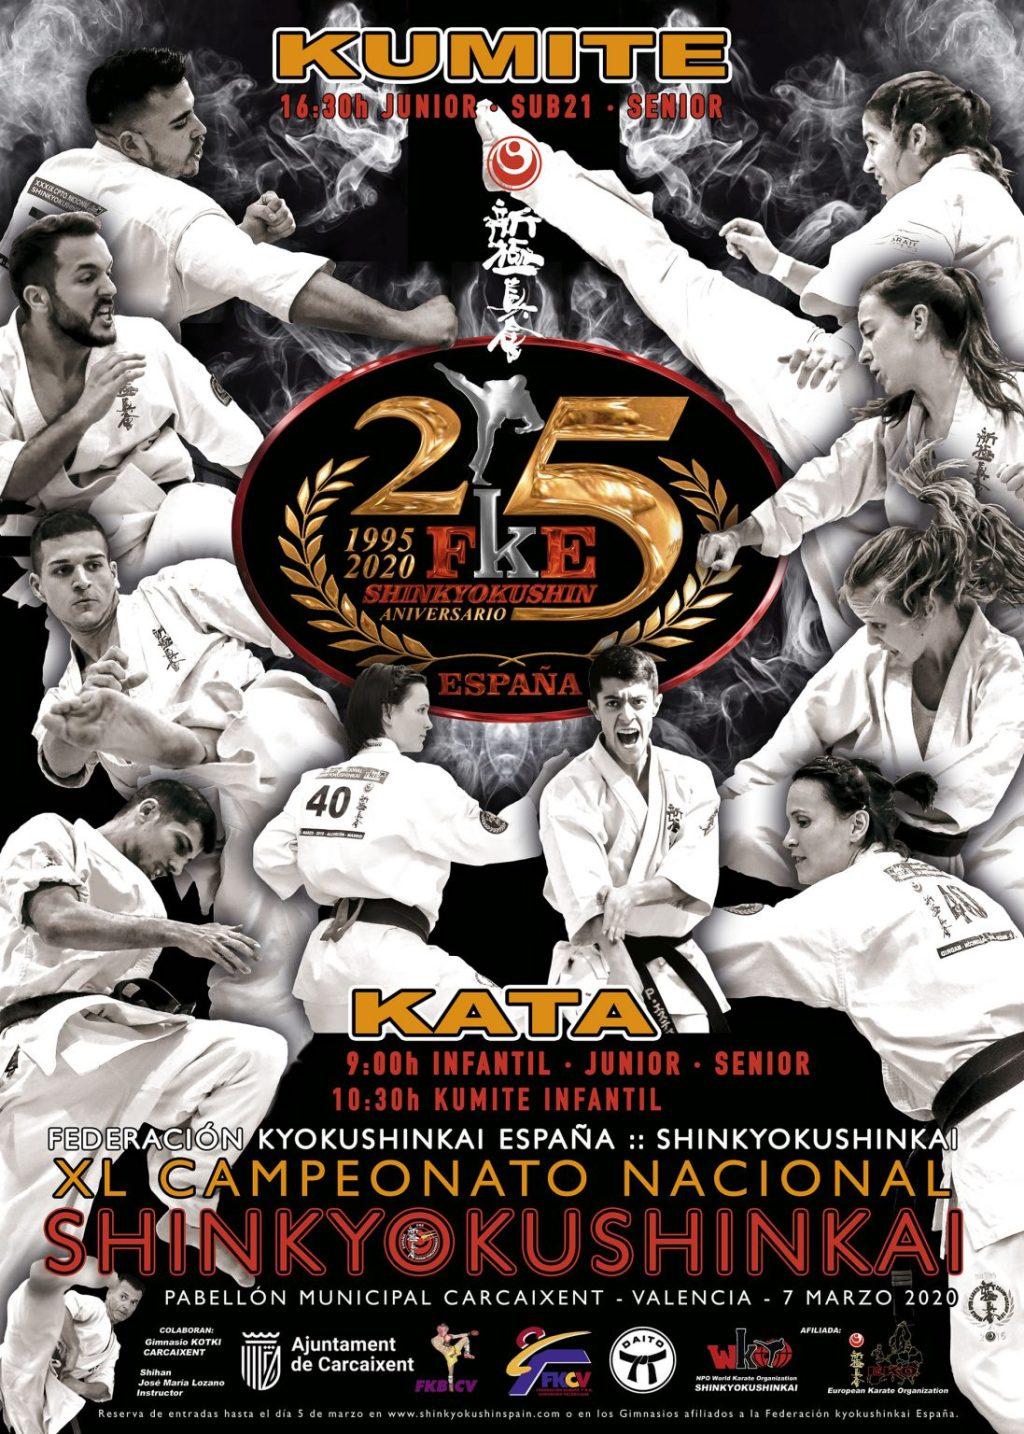 Nacional Shinkyokushinkai